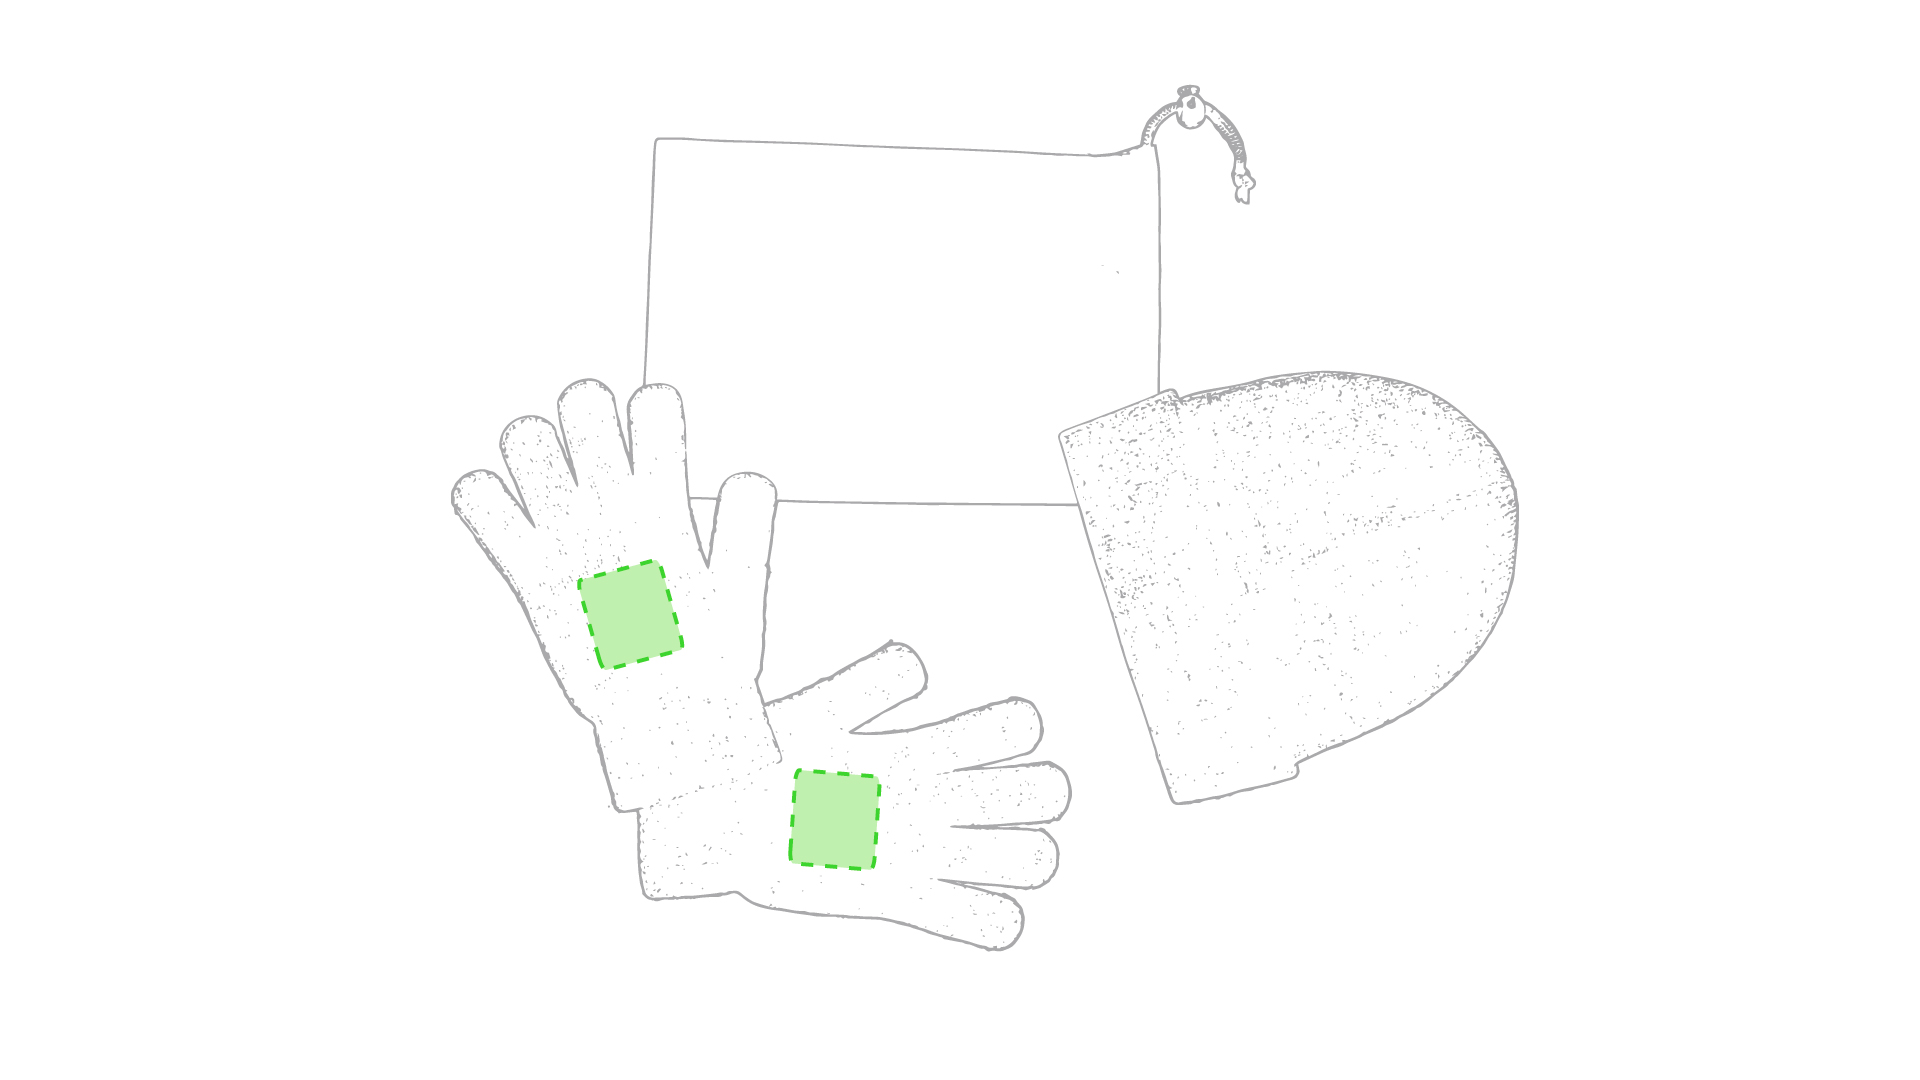 Centrado en ambos guantes